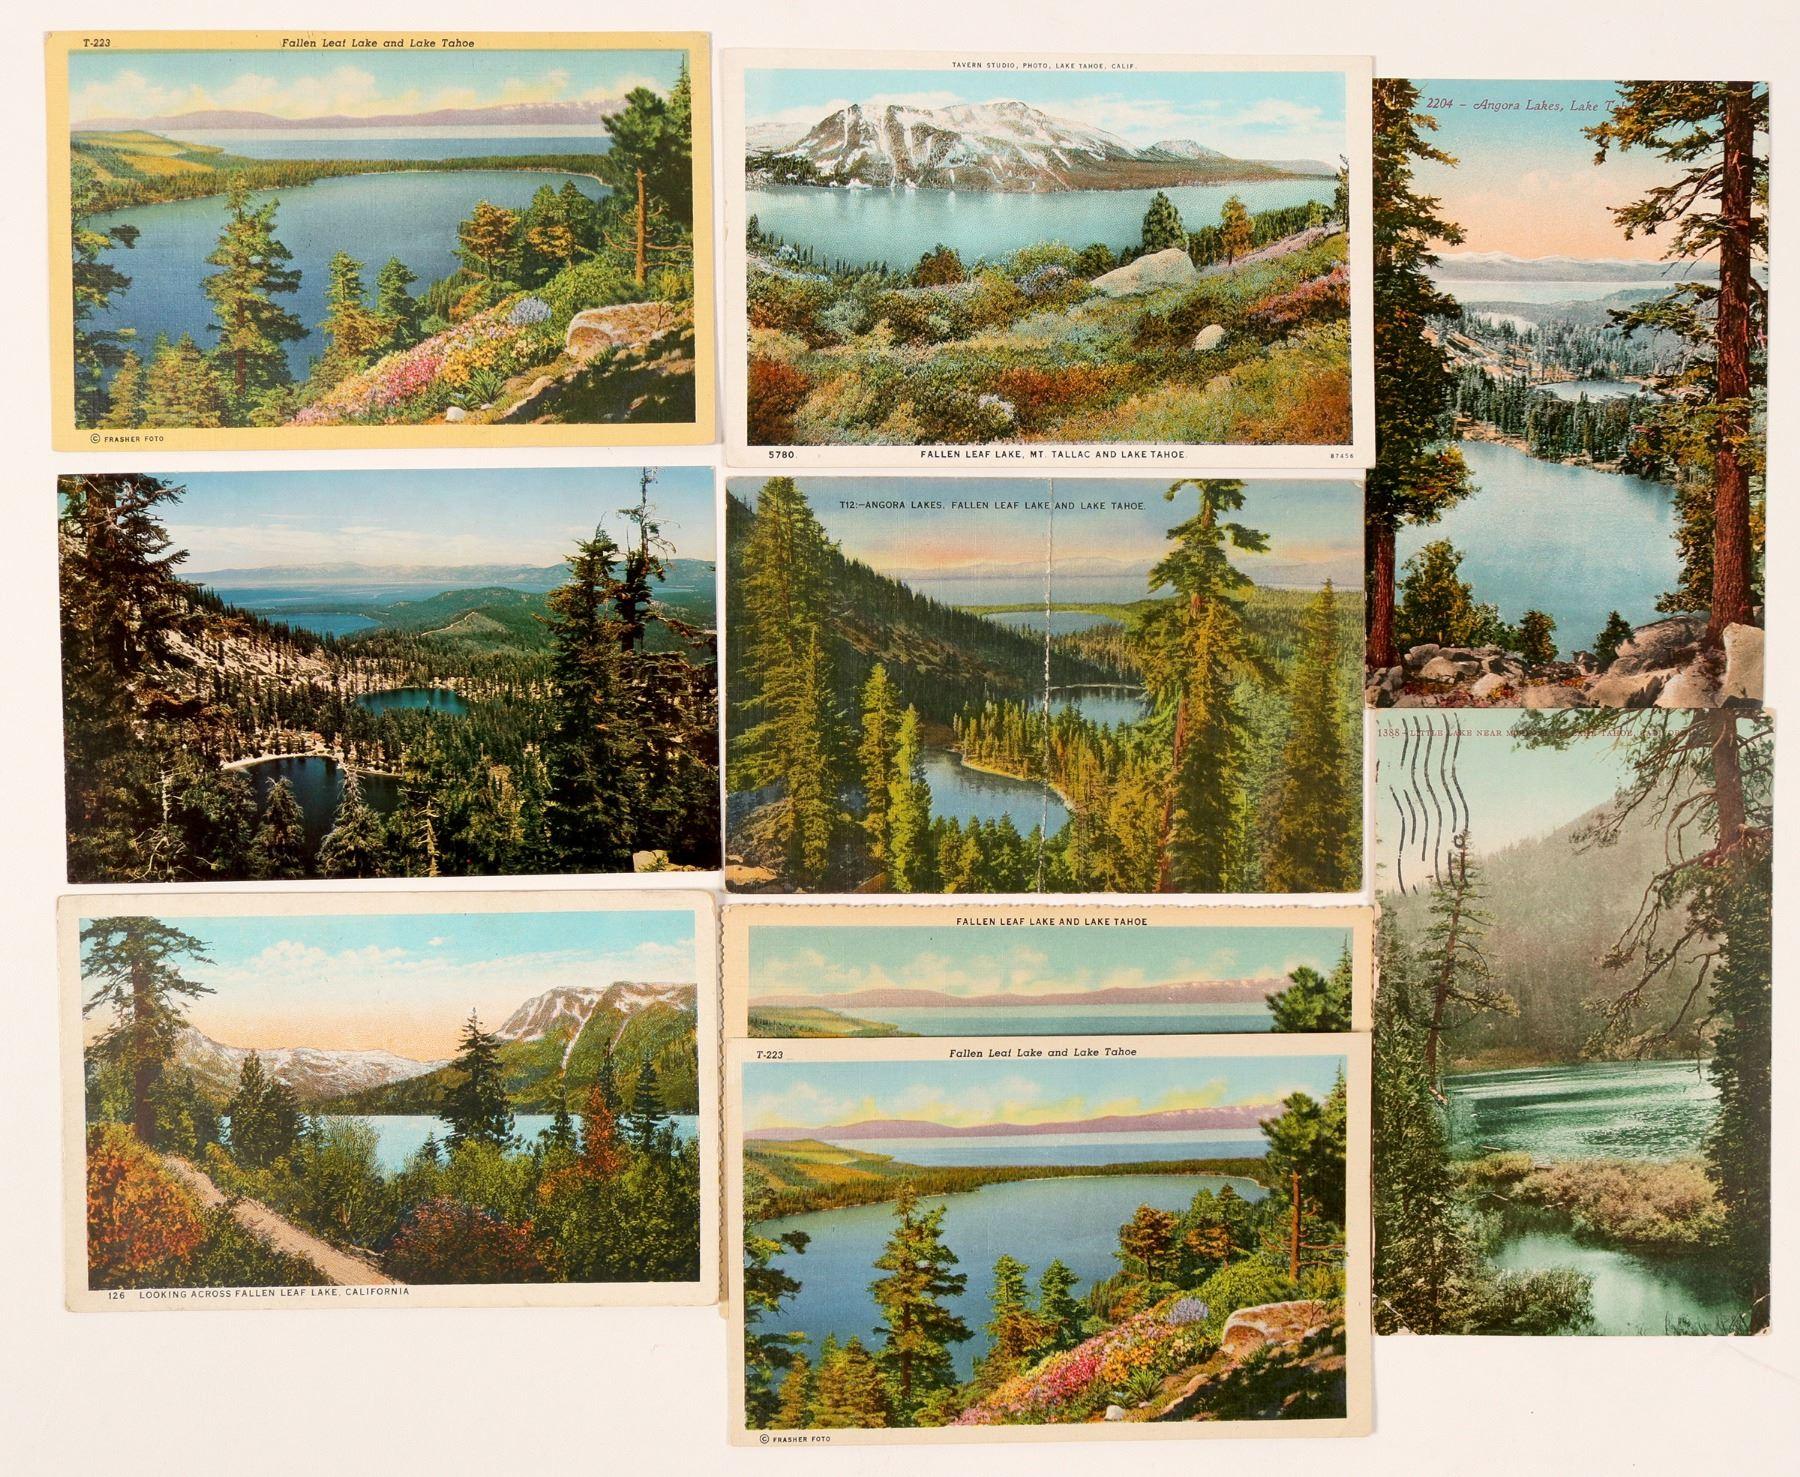 Lake Tahoe dating